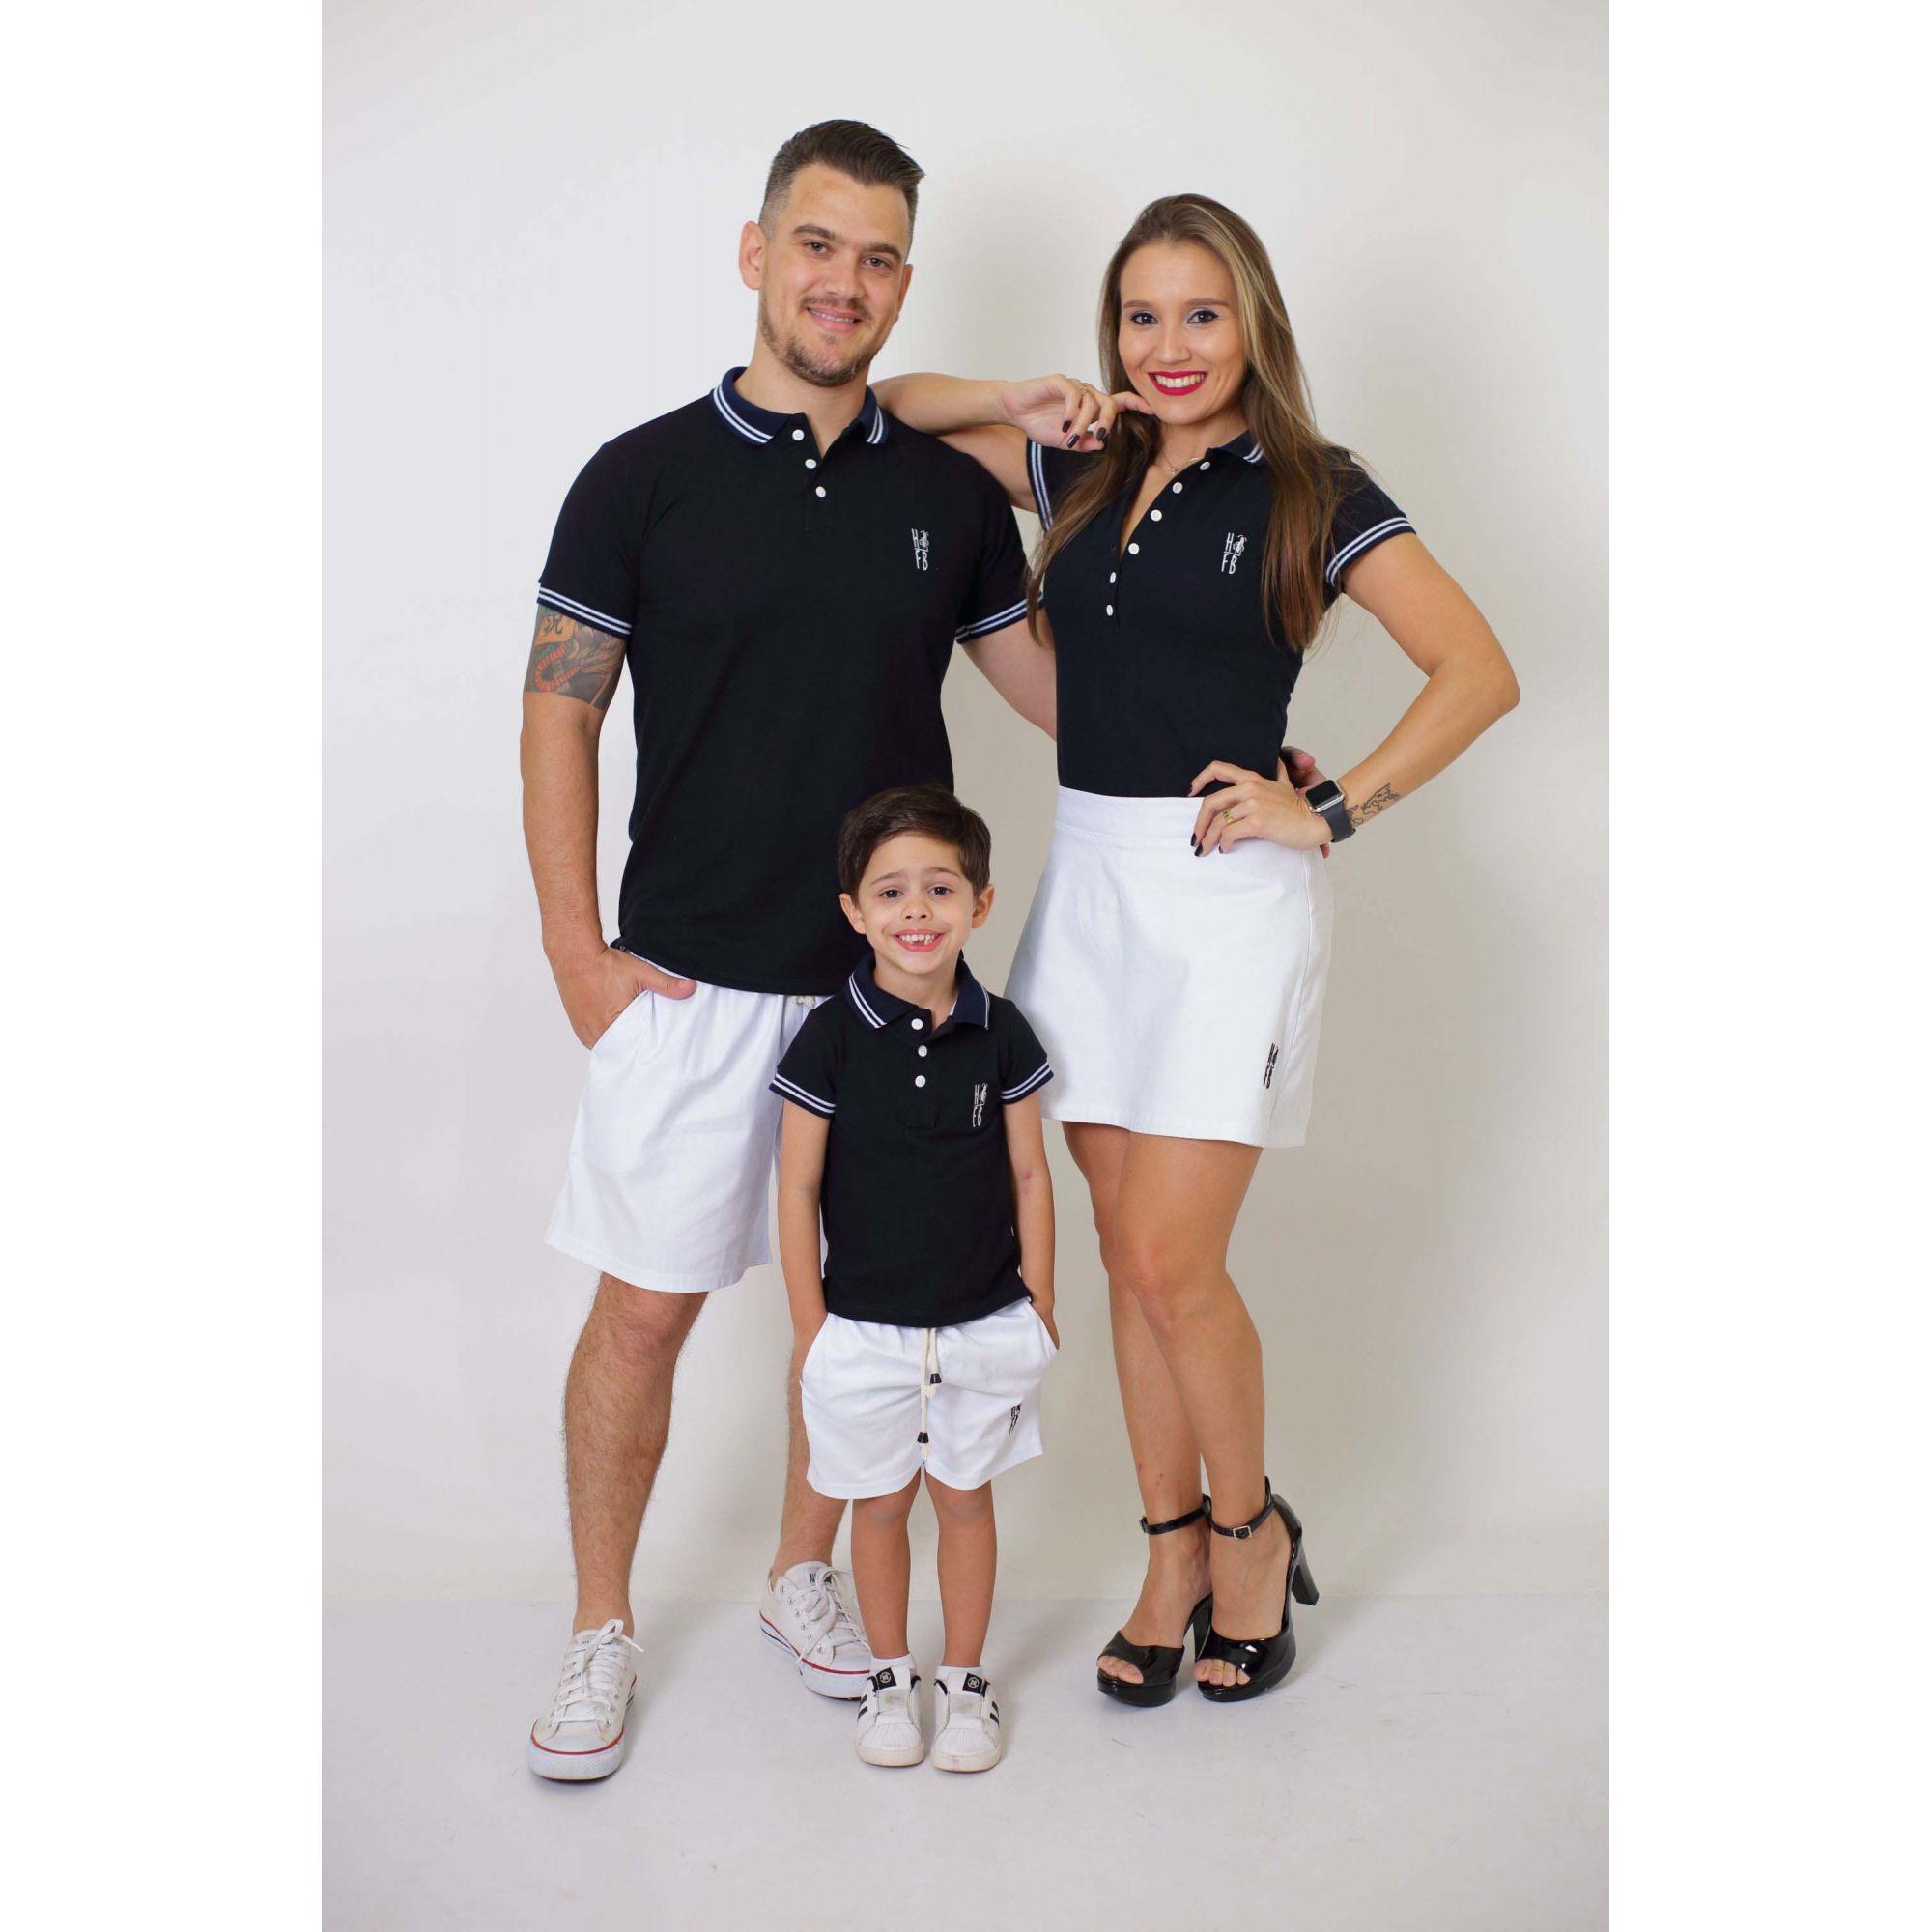 PAIS E FILHOS > Kit - Short Saia + Bermuda Adulta + Bermuda Infantil - Branca [Coleção Família]